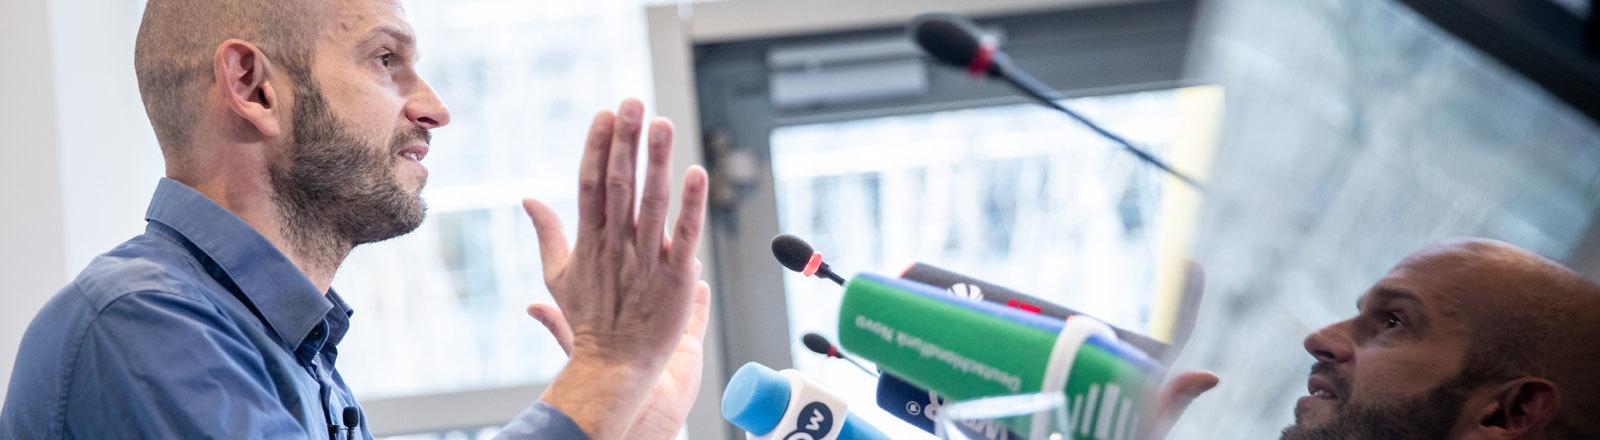 Marco Bülow ist am 27.11.2018 aus der SPD ausgetreten.